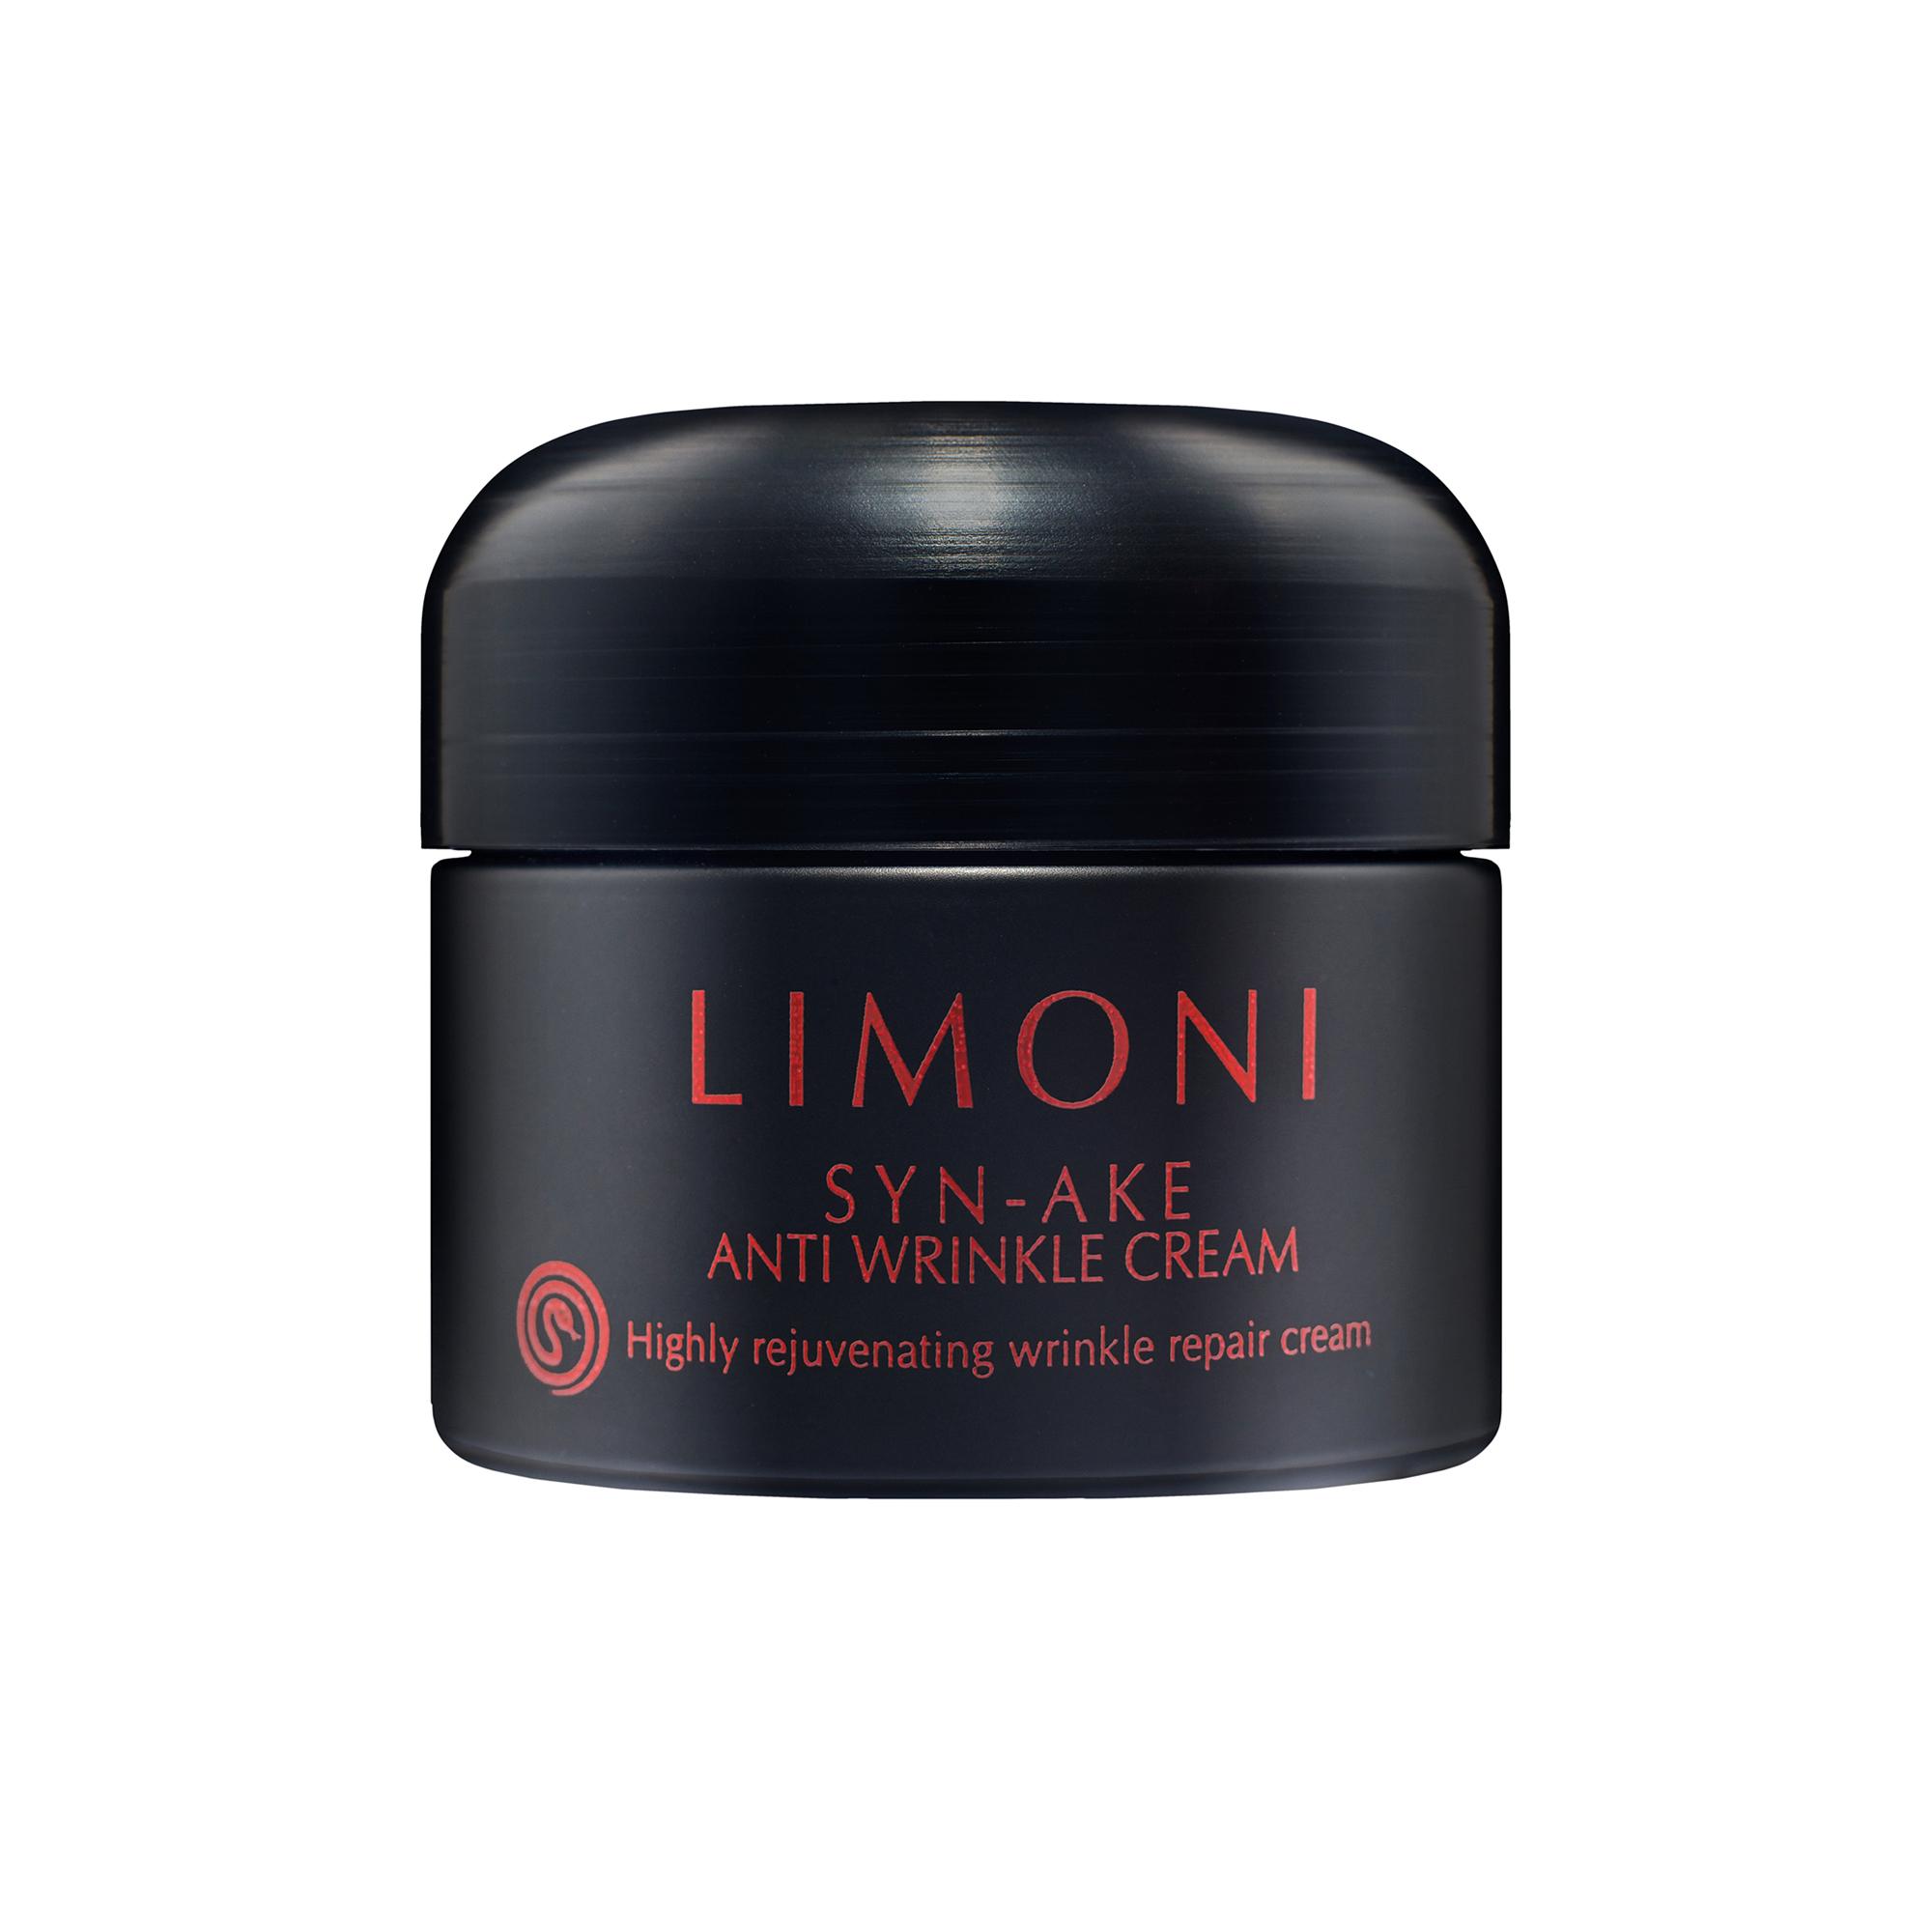 LIMONI Крем от морщин антивозрастной со змеиным ядом Syn-Ake Anti-Wrinkle Cream 50 млКремы<br>В составе крема SYN-AKE ANTI WRINKLE CREAM есть около 4% синтетического змеиного токсина Syn-Ake. Крем оказывает антивозрастное воздействие и разглаживает морщины. Он питает кожу, повышая ее эластичные свойства и упругость. Как следствие, кожа становится мягкой, гладкой и подтянутой. Ежедневное применение крема приведет к существенному сокращению морщин. Крем с трипептиом Syn-Ake оказывает схожее действие как инъекции ботокса, кожа разглаживается и подтягивается, мелкие мышцы не сокращаются. Результат быстрый и видимый на лицо! SYN-AKE   это пептид, что предназначен для расслабления лицевых мышц, что ответственные за образования мимических морщин. Пептиду свойственны разглаживающие свойства и на протяжении нескольких дней он уменьшает глубину морщин. SYN-AKE создали шведские ученые.<br><br>Вид средства для лица: Антивозрастной